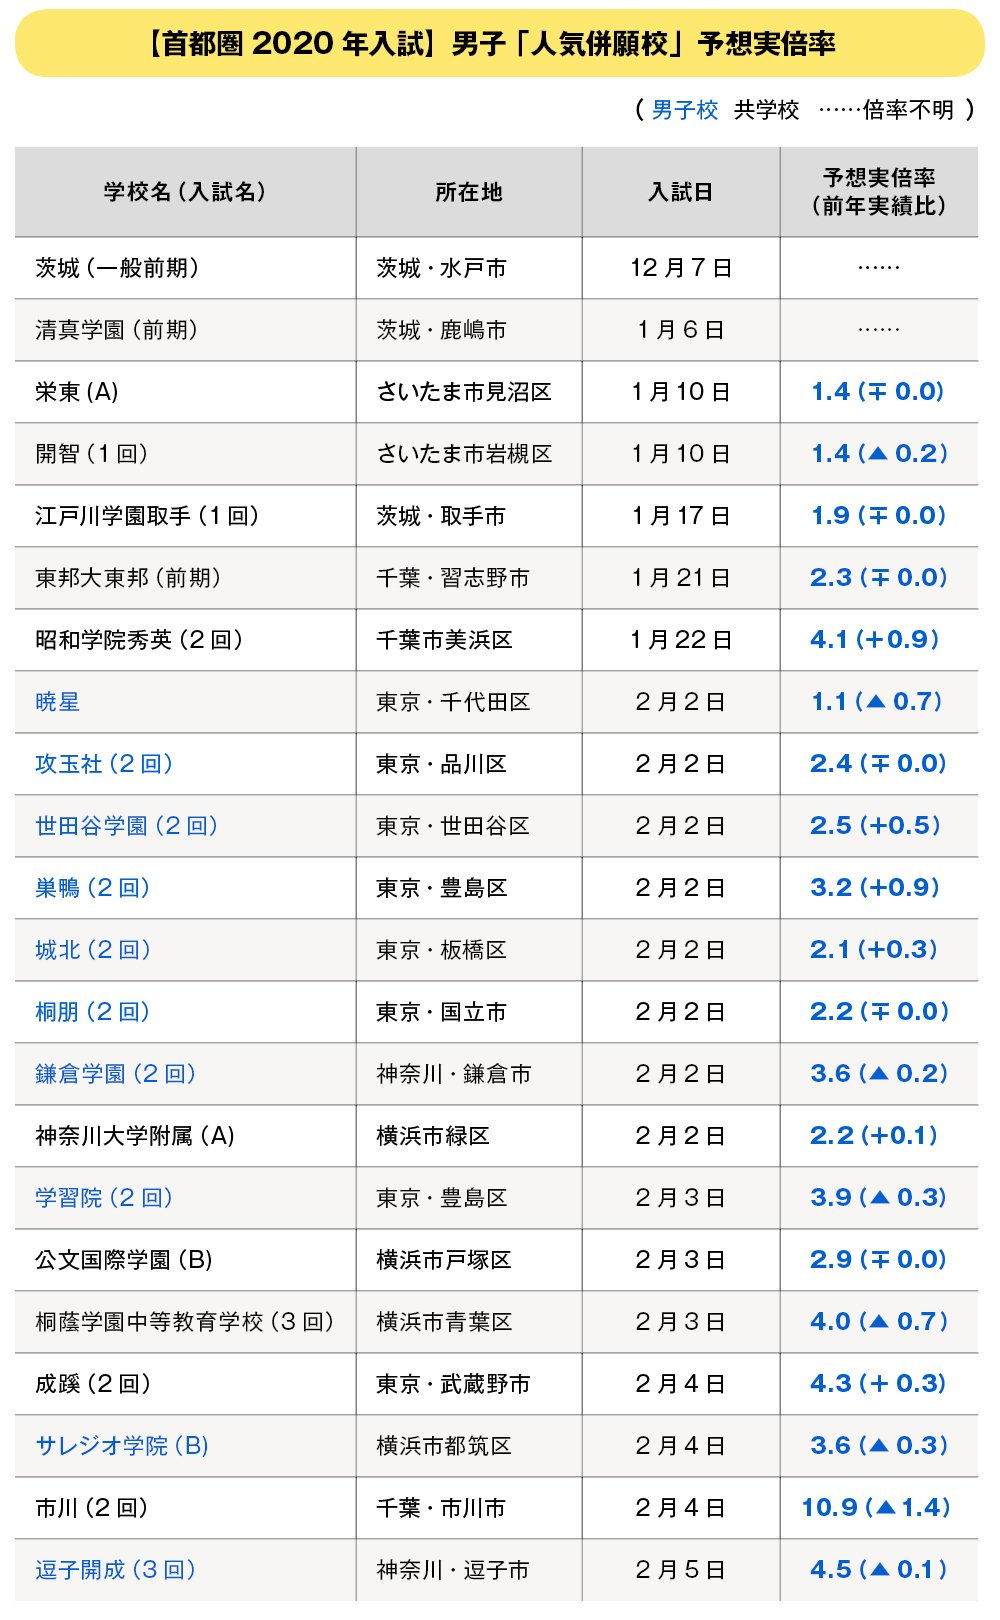 中高一貫男子「首都圏・人気併願校」予想実倍率【2020年入試版】